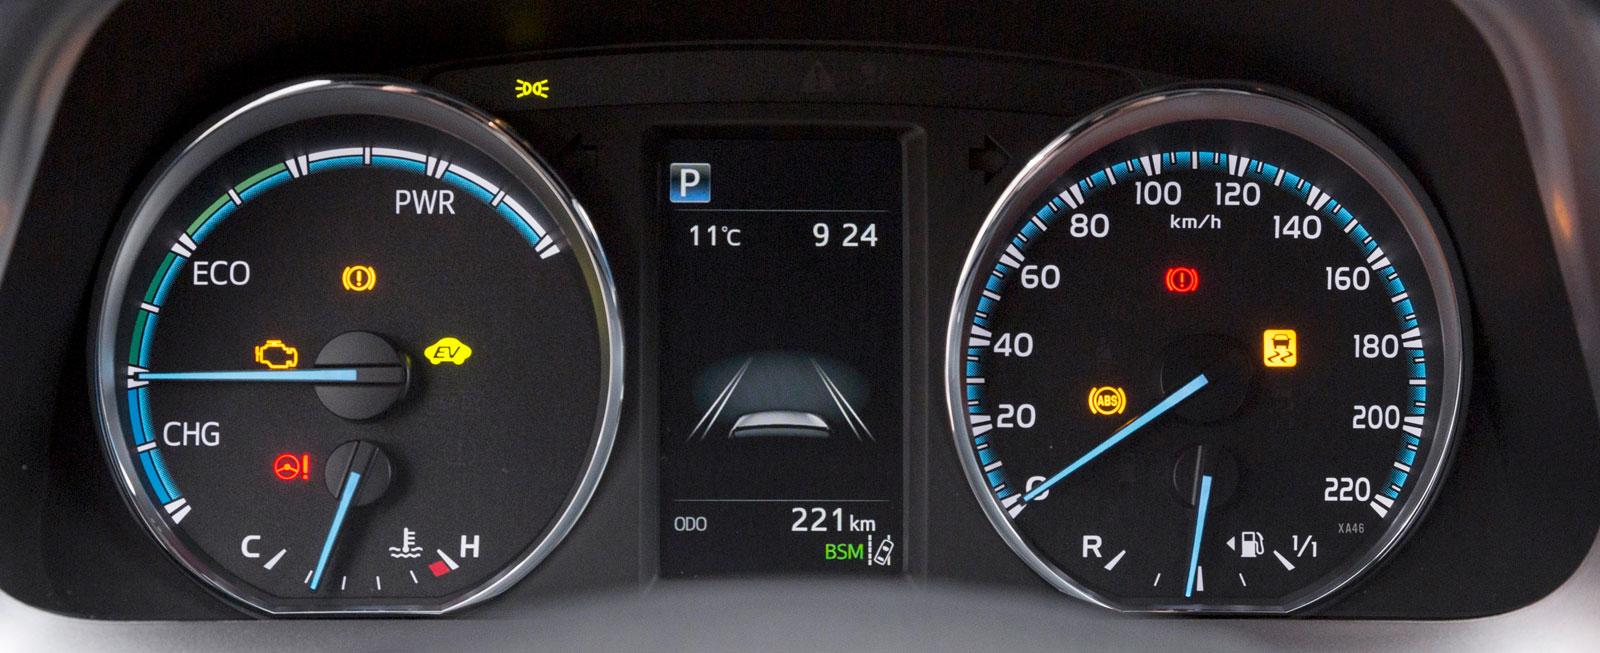 """Toyotas instrument är snarlika dem i Kia men istället för varvräknare finns en (nästan onödigt stor) """"kraft- och laddningsmätare"""" för hybridsystemet."""